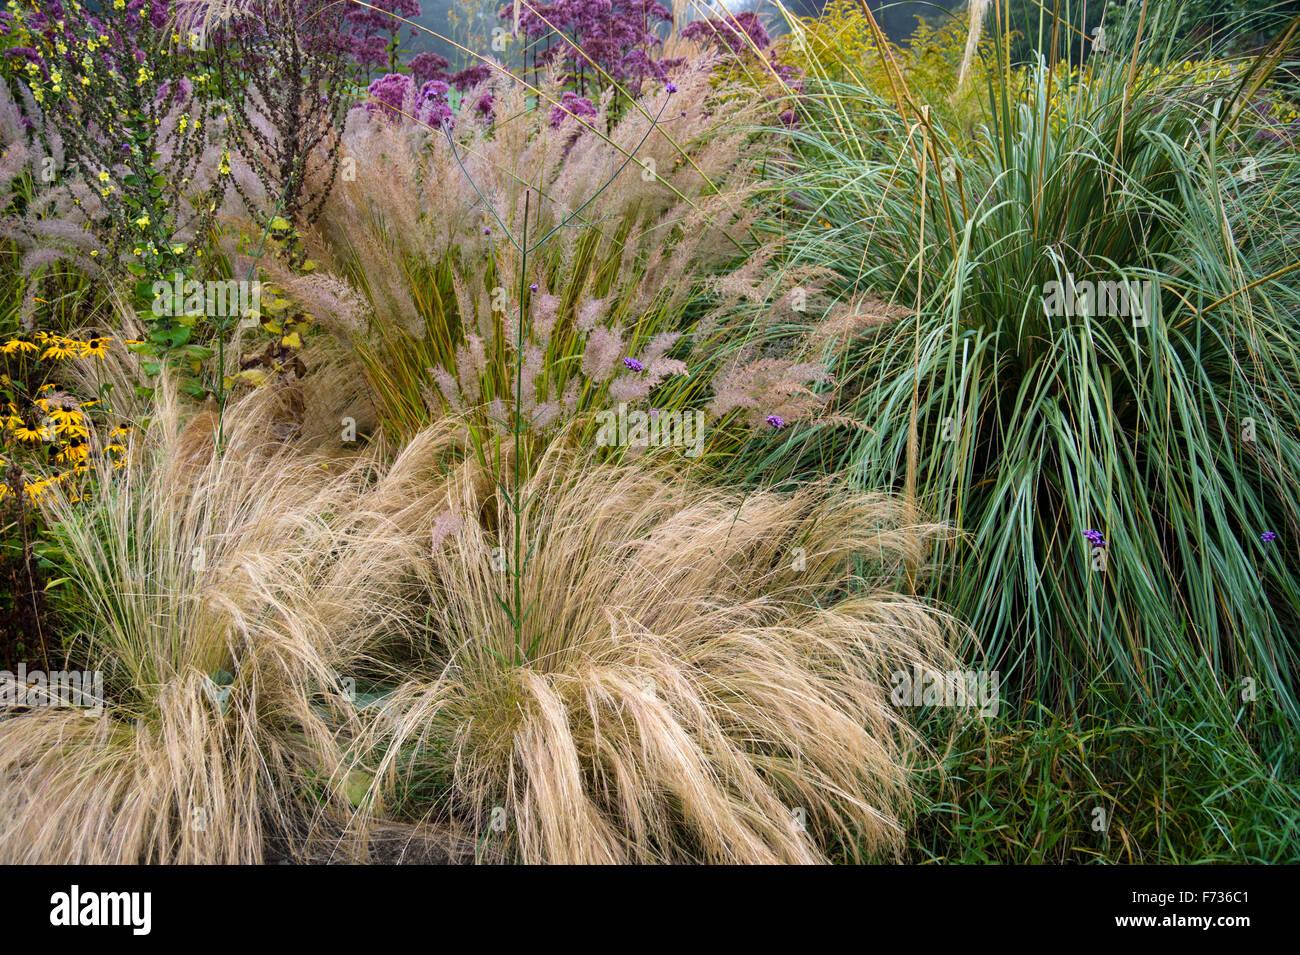 Ziergräser Im Garten Bilder ziergräser im garten grenze im herbst stockfoto bild 90425329 alamy